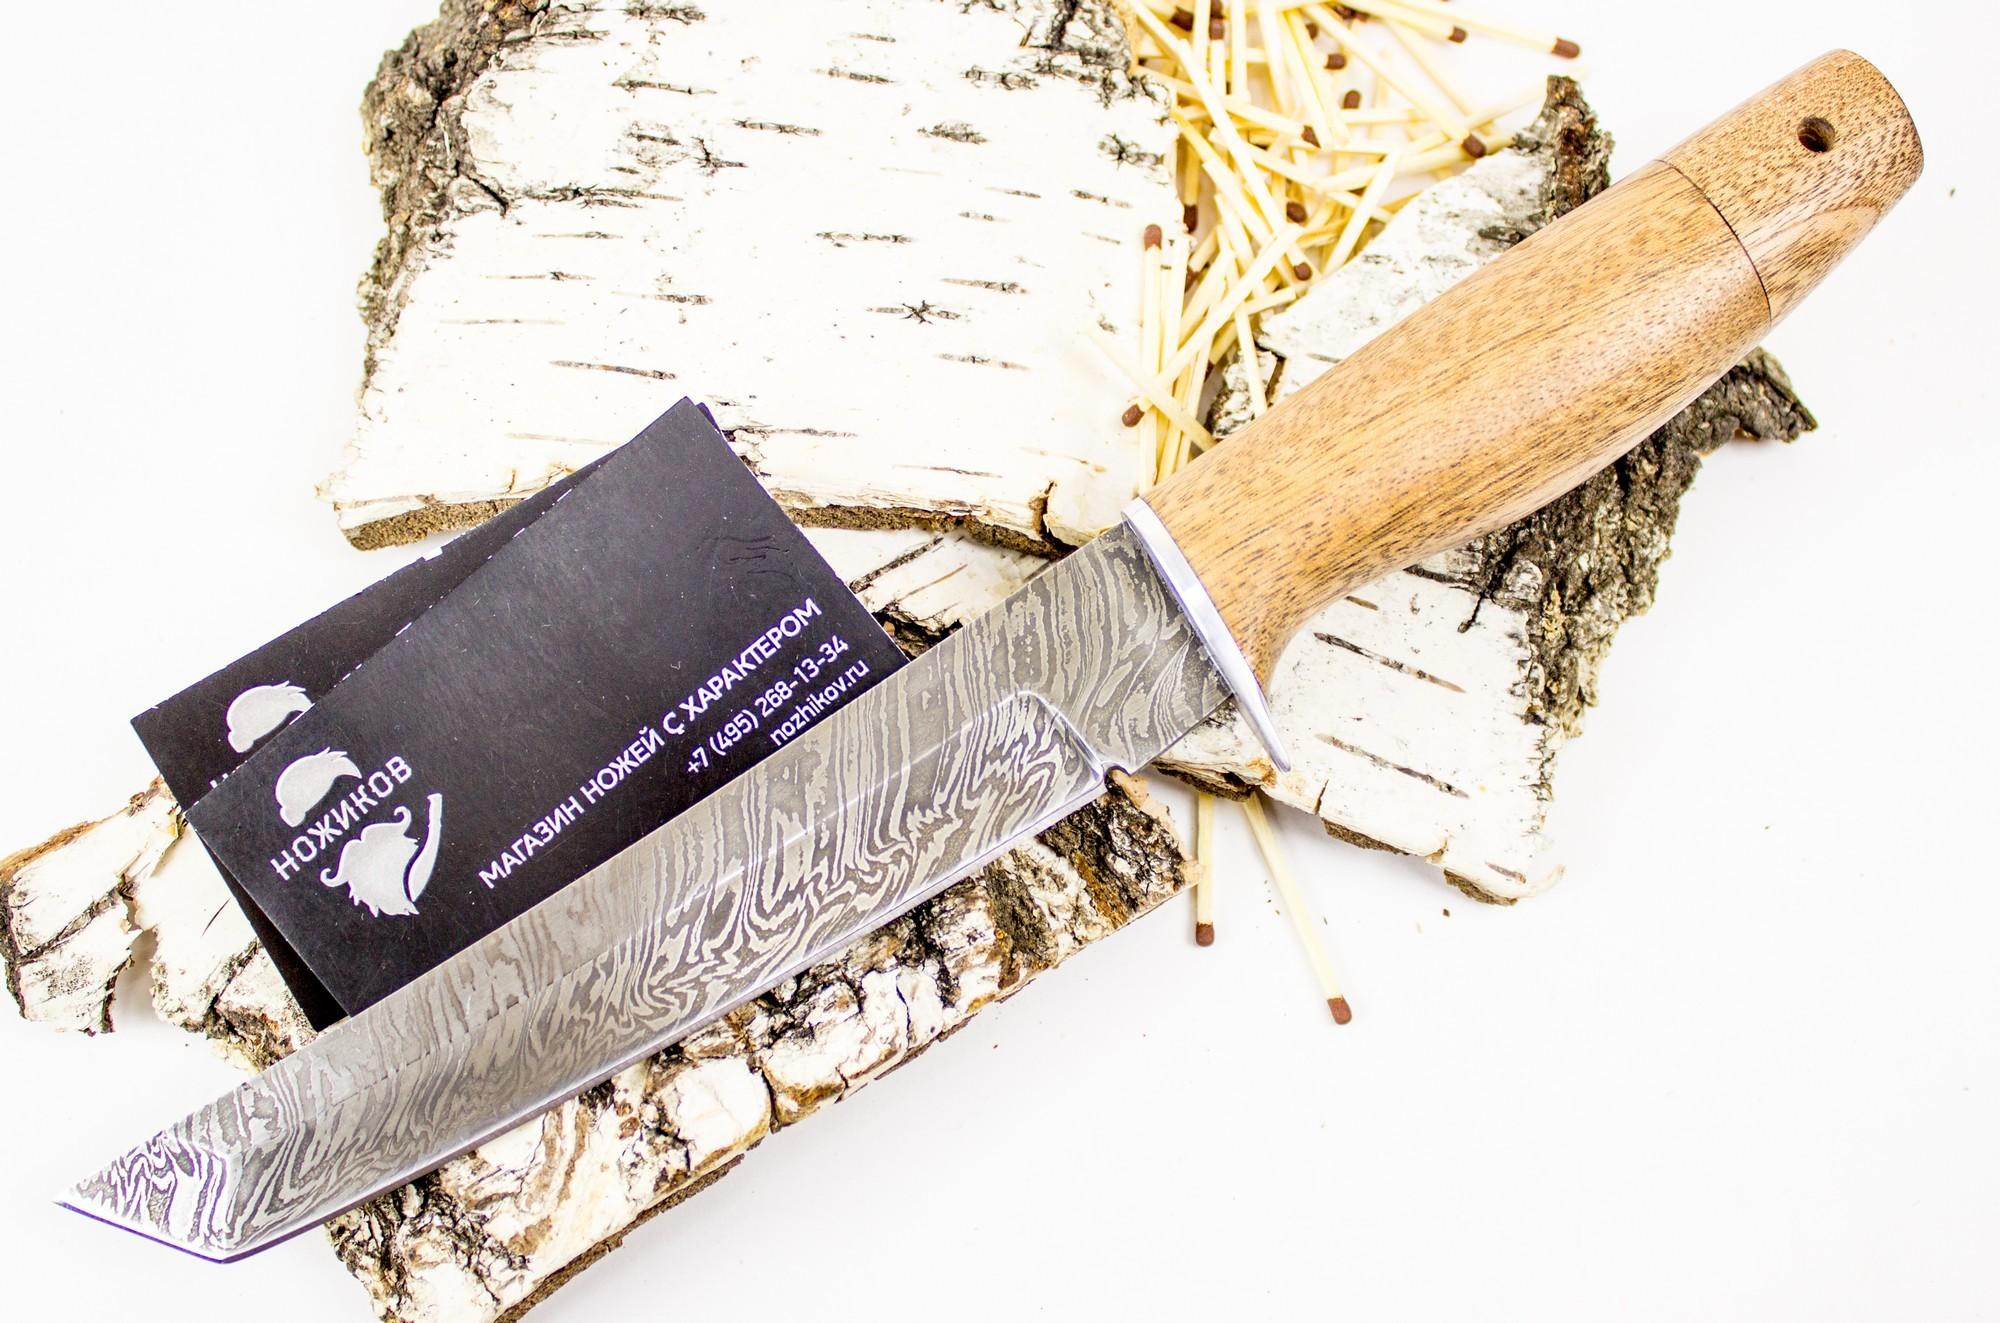 Нож Танто, сталь дамаскНожи Ворсма<br>Универсальный нож для рыболовов и туристов. Клинок выполнен в стиле Японских-Американских ножей, с двухсторонней заточкой, из дамасской стали. Проникающая и пробиваемая способность тантоидов превосходная. Благодаря достаточно большому углу острия ножа и характерному для танто толстому обуху. Нож обладает высокой износостойкостью и очень высокой коррозионной стойкостью.<br>